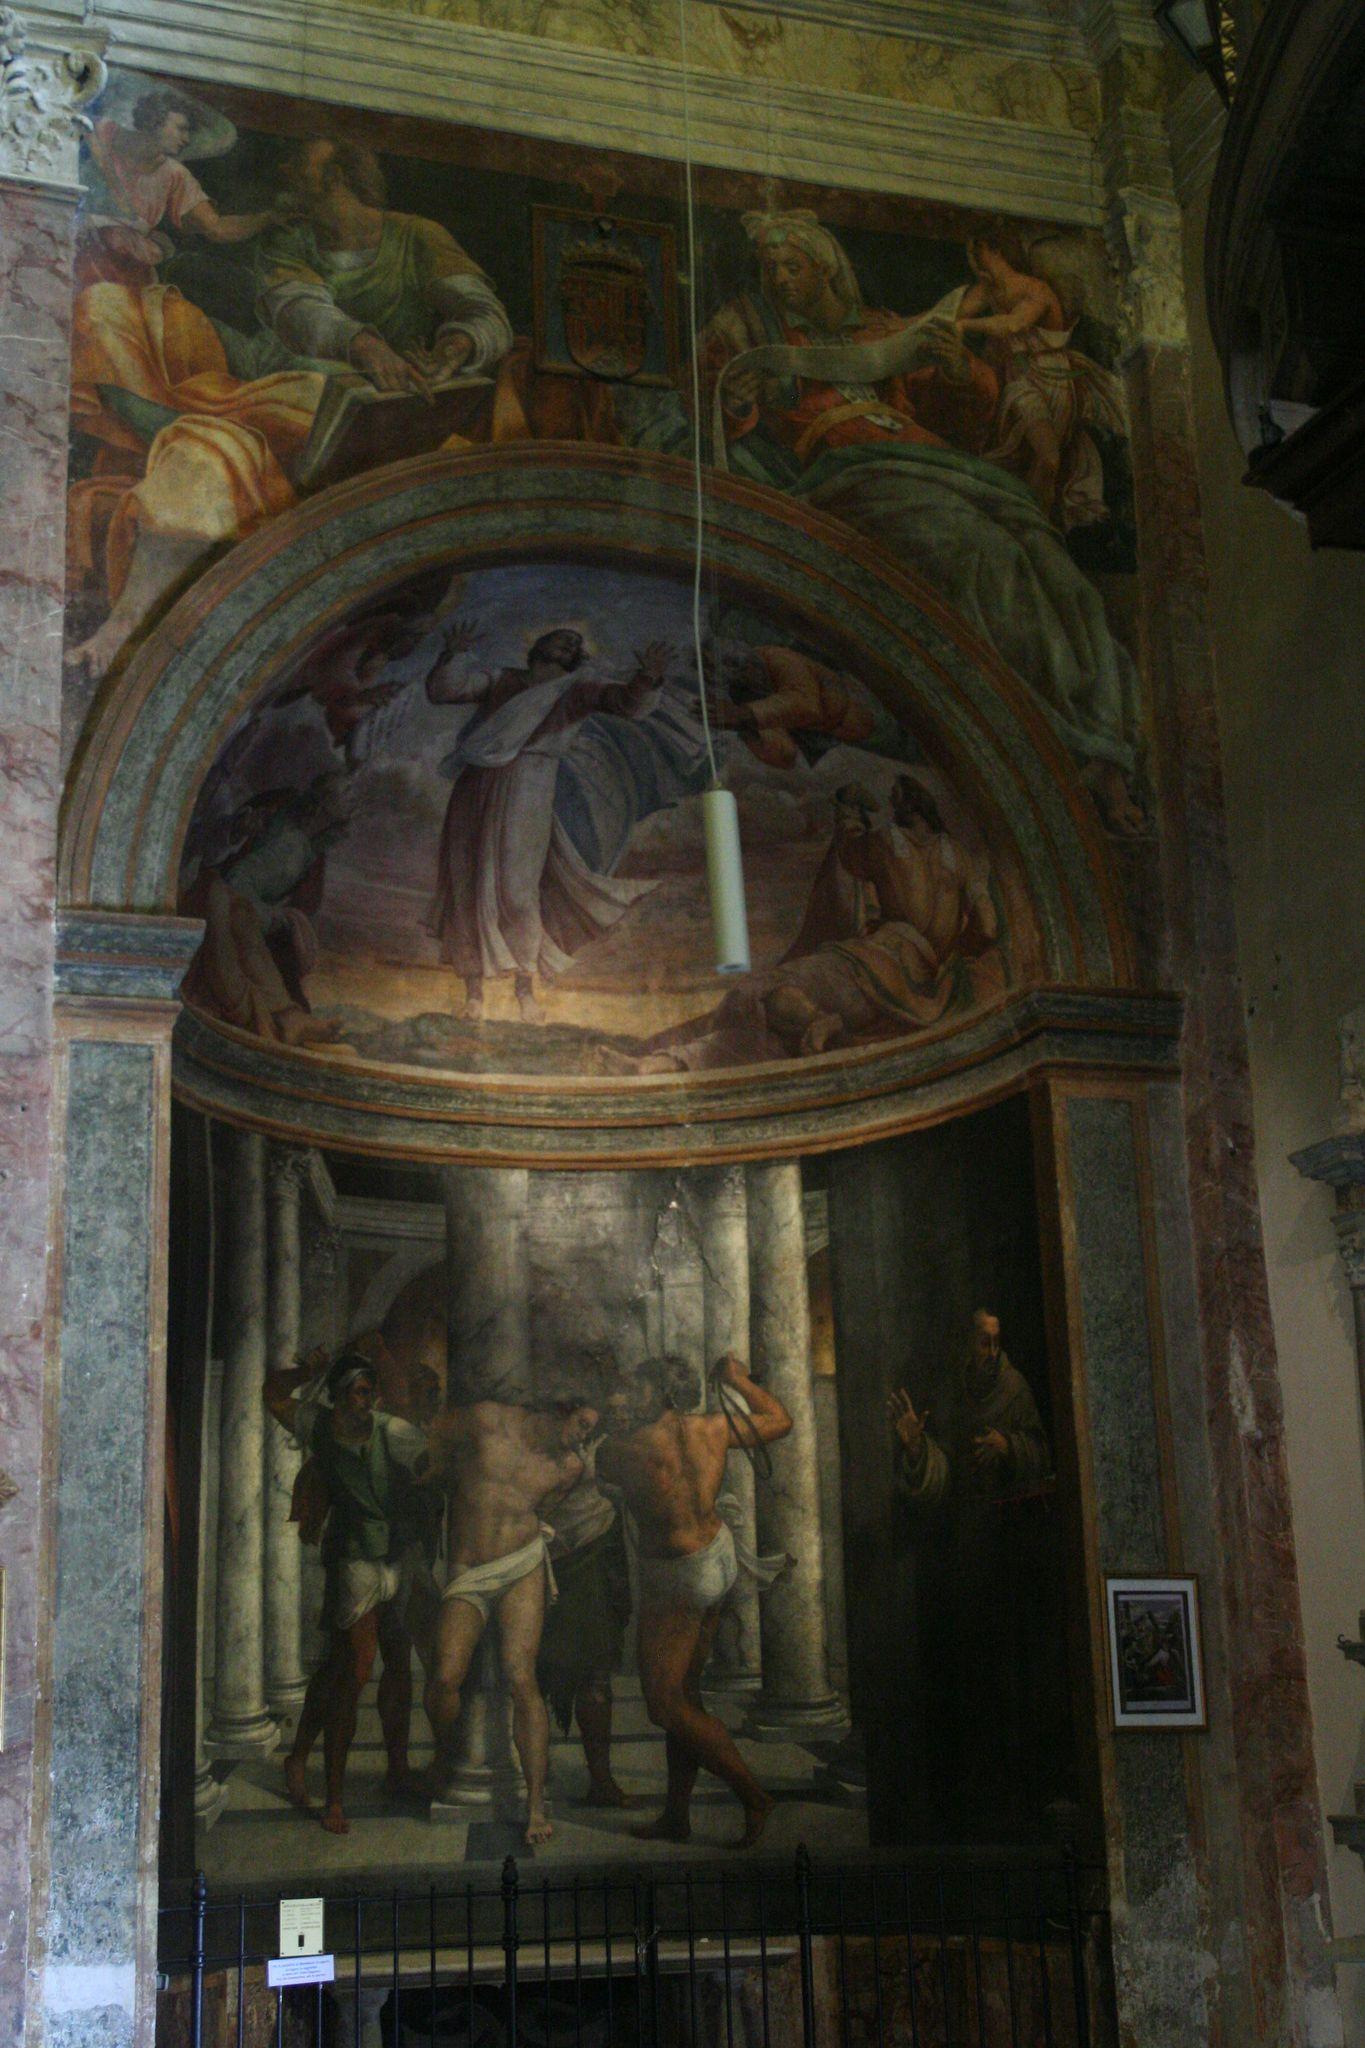 sebastiano del piombo rome - photo#31